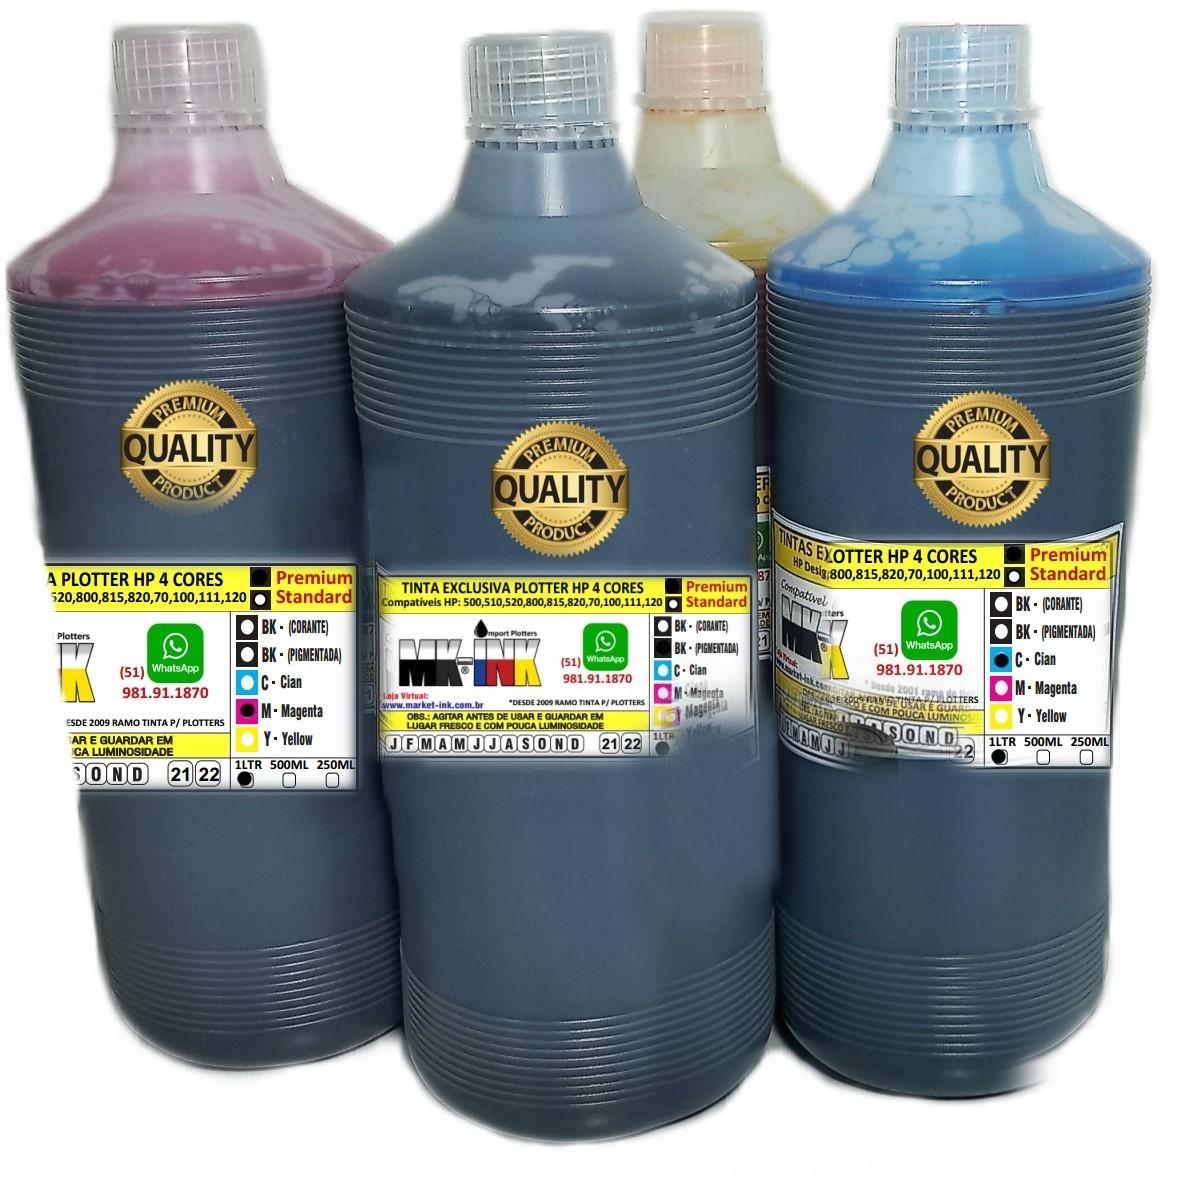 Tinta litro Premium compativel Plotter HP 4 cores exclusiva HP Designjet: 500, 510, 520, 800, 815, 820, 70, 100, 110, 111, 120 etc.